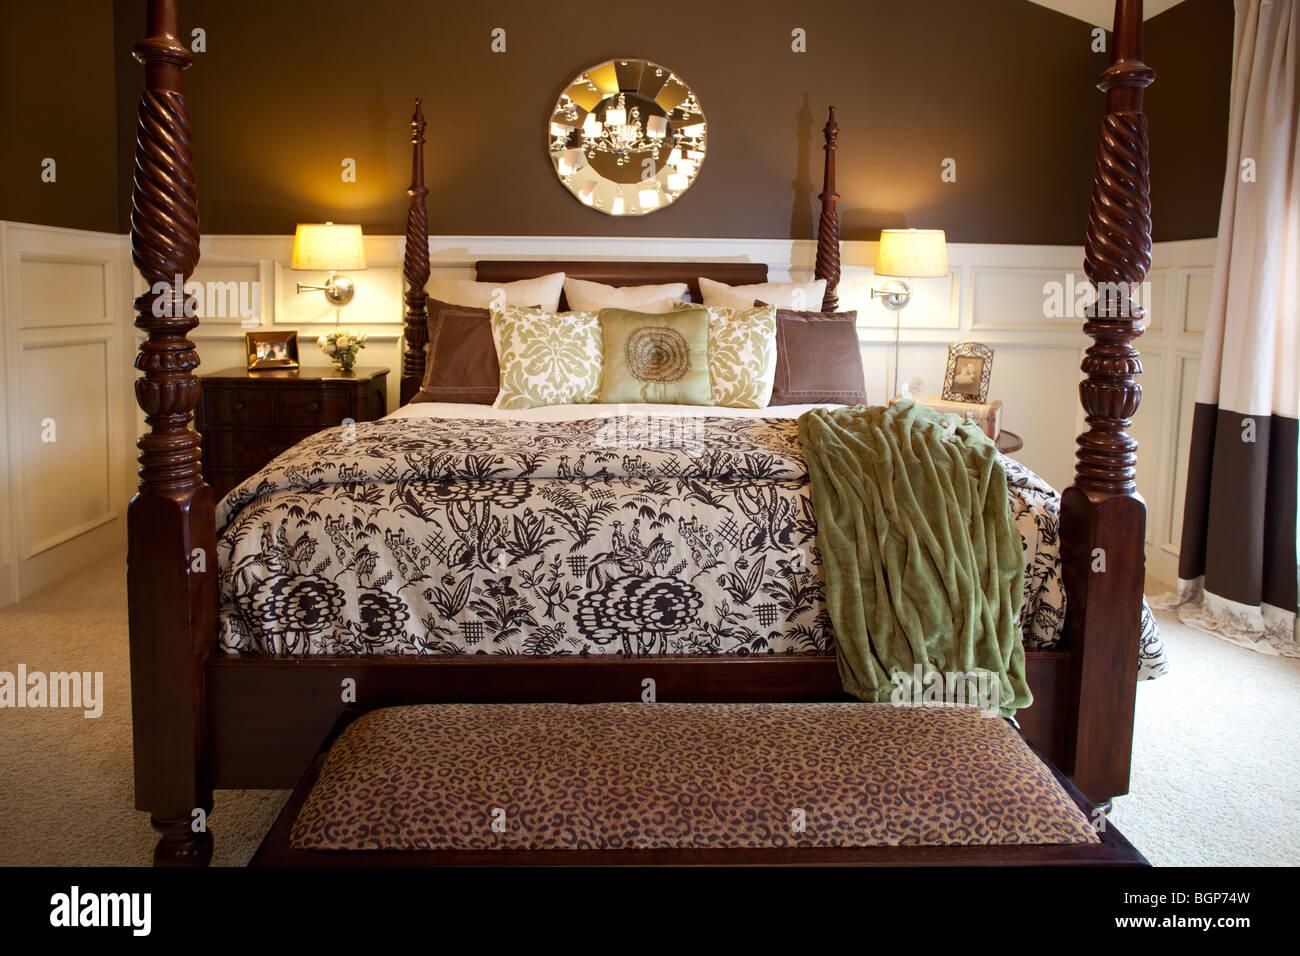 king size à baldaquin lit double dans la chambre principale dans des